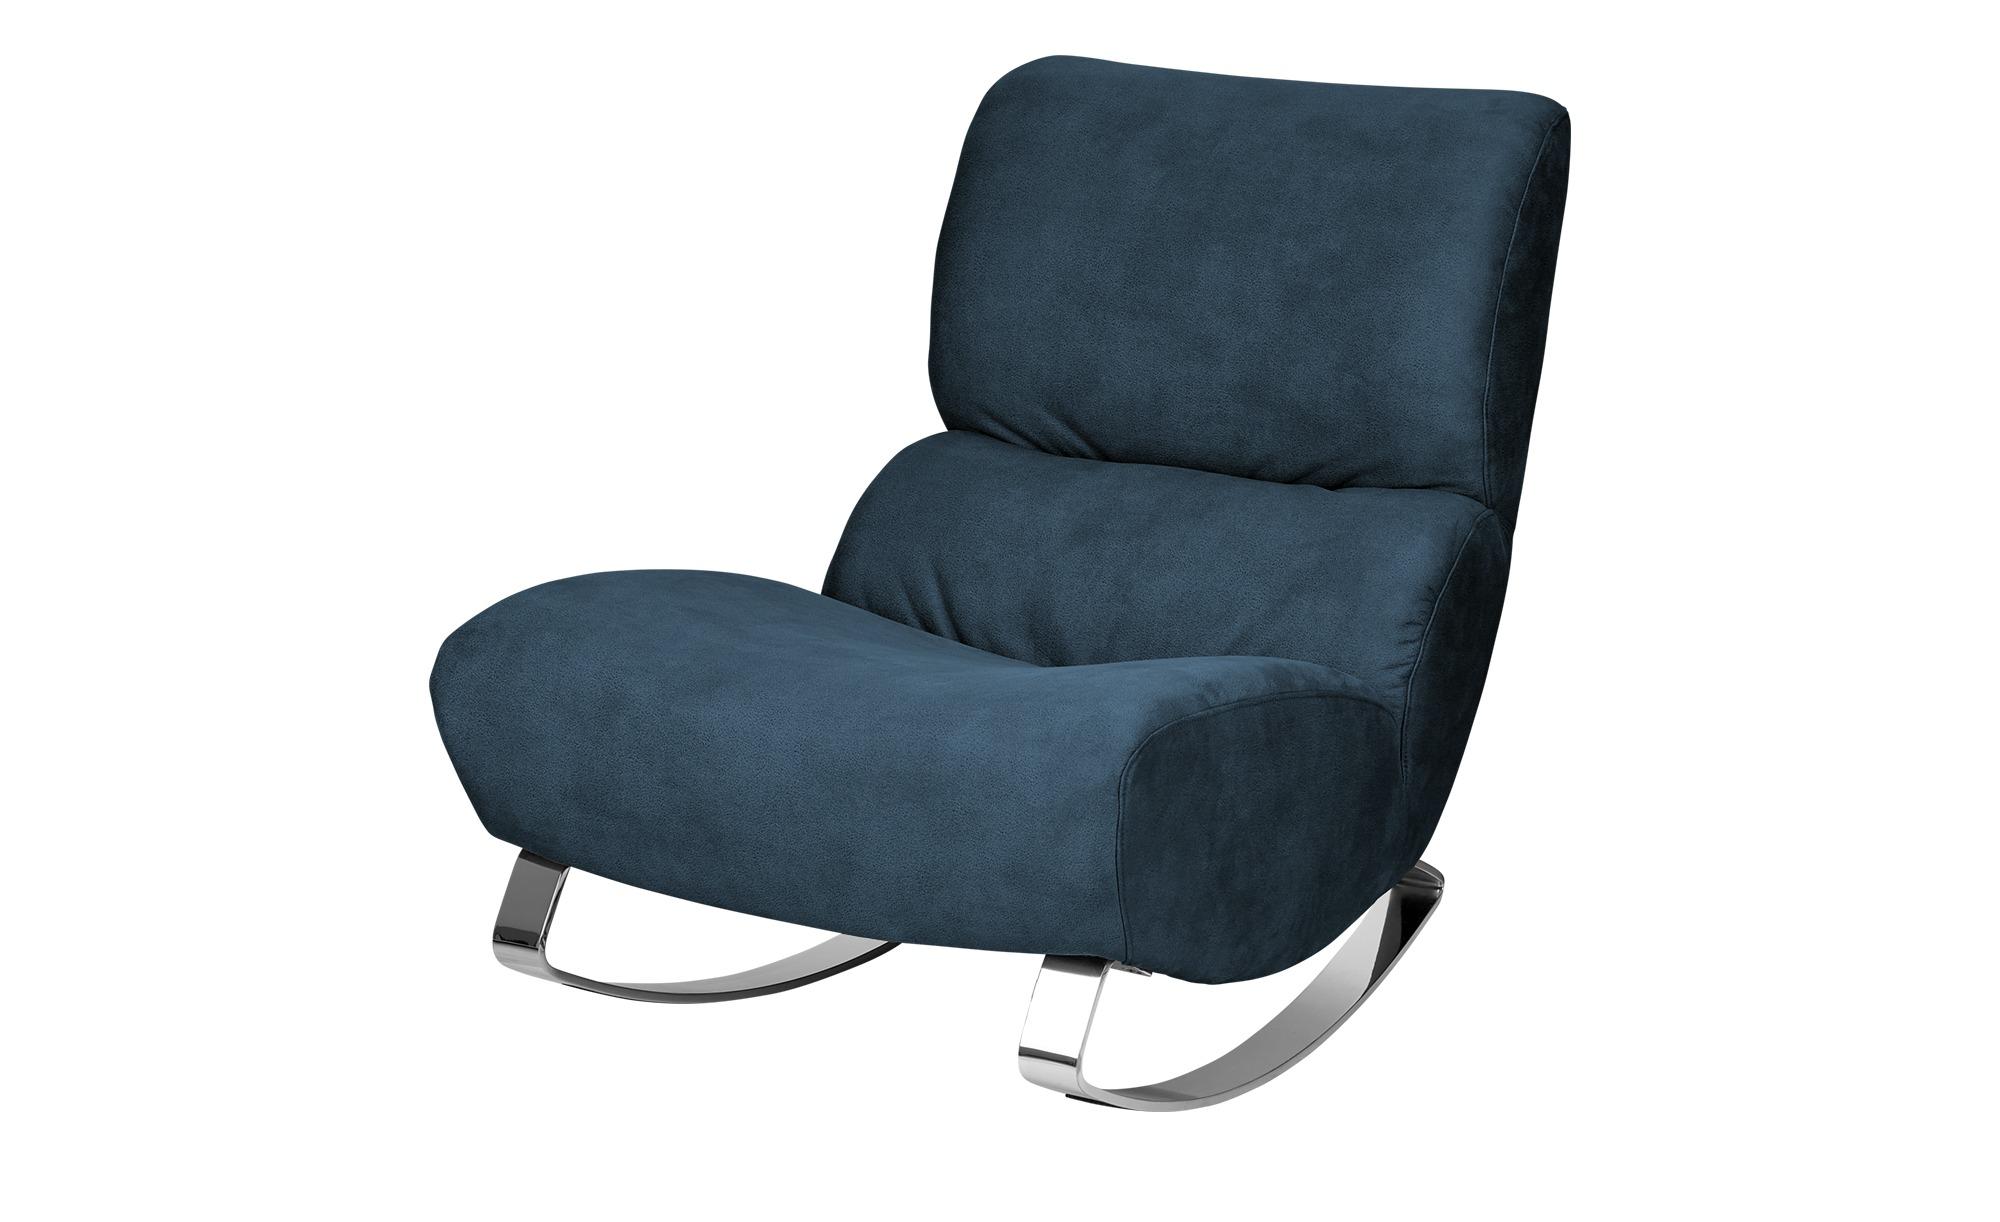 Design-Sessel blau - Stoff Citole ¦ blau ¦ Maße (cm): B: 76 H: 90 T: 103 Polstermöbel > Sessel > Polstersessel - Höffner